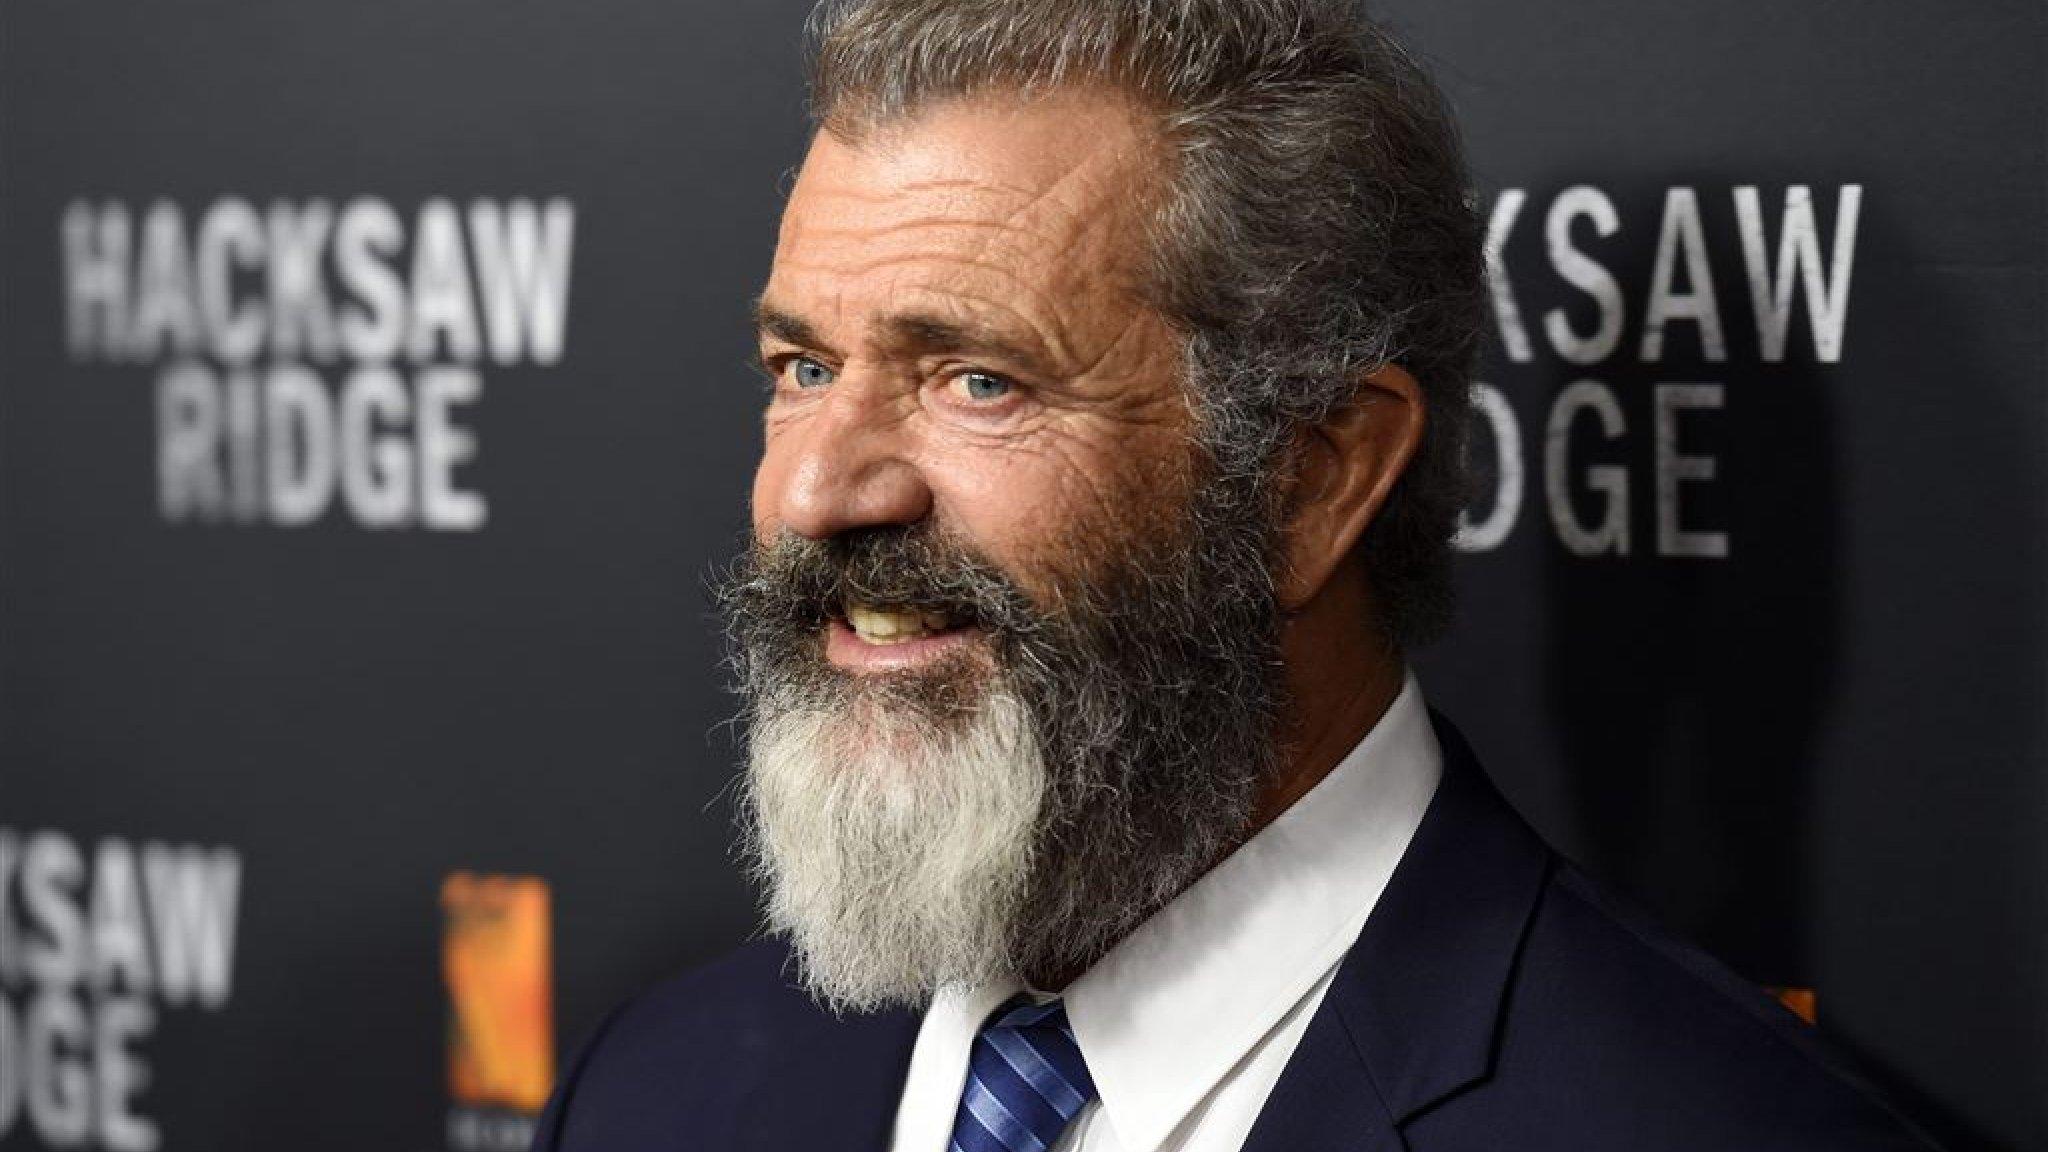 мэл гибсон фото с бородой как найти тот